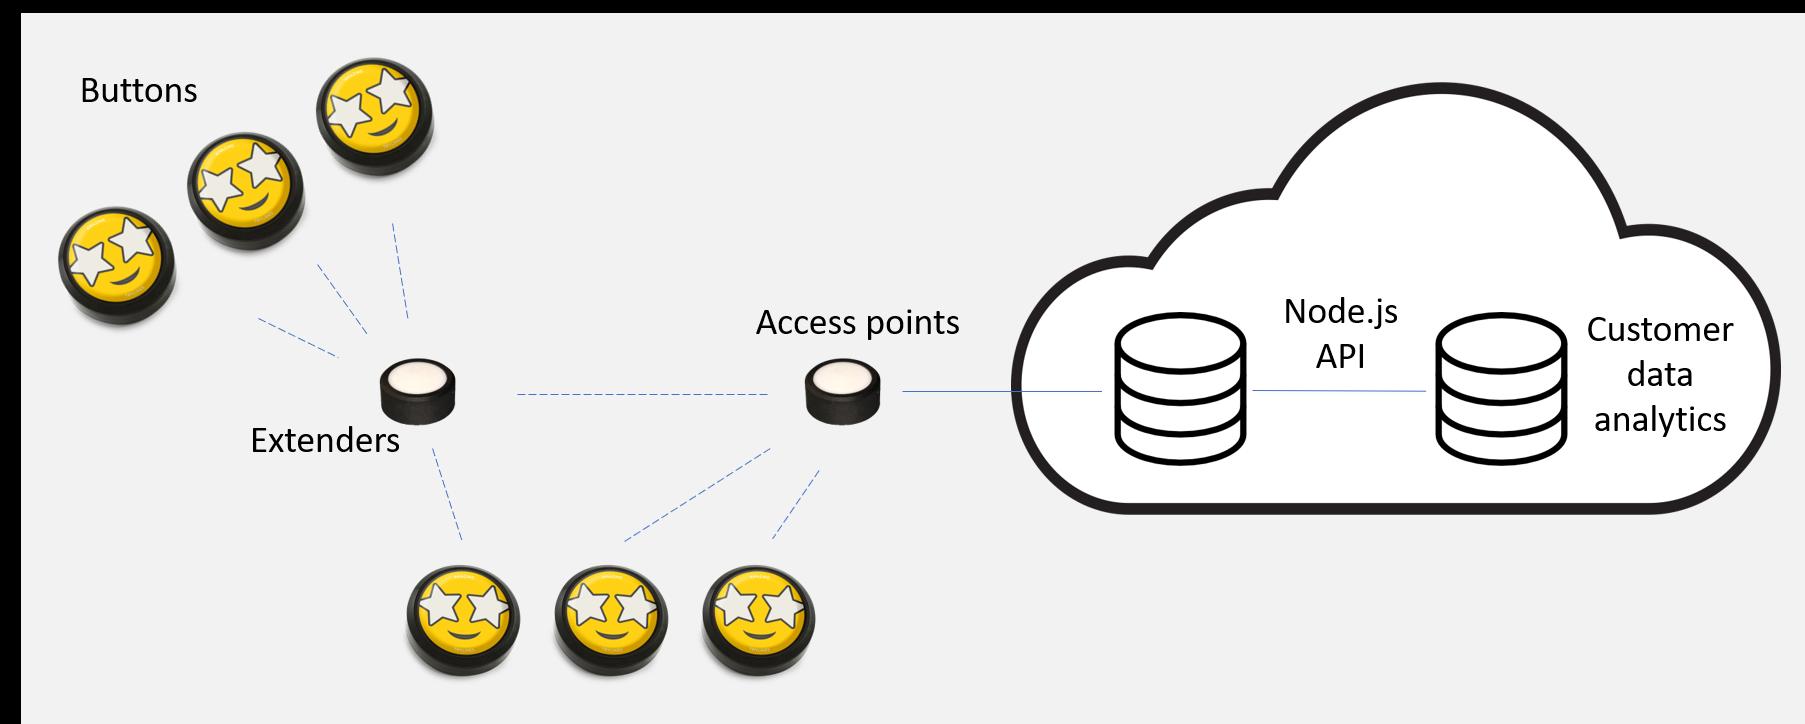 Architecture de solution IoT Trylikes pour les boutons de satisfaction client dans les environnements de vente au détail et d'achat